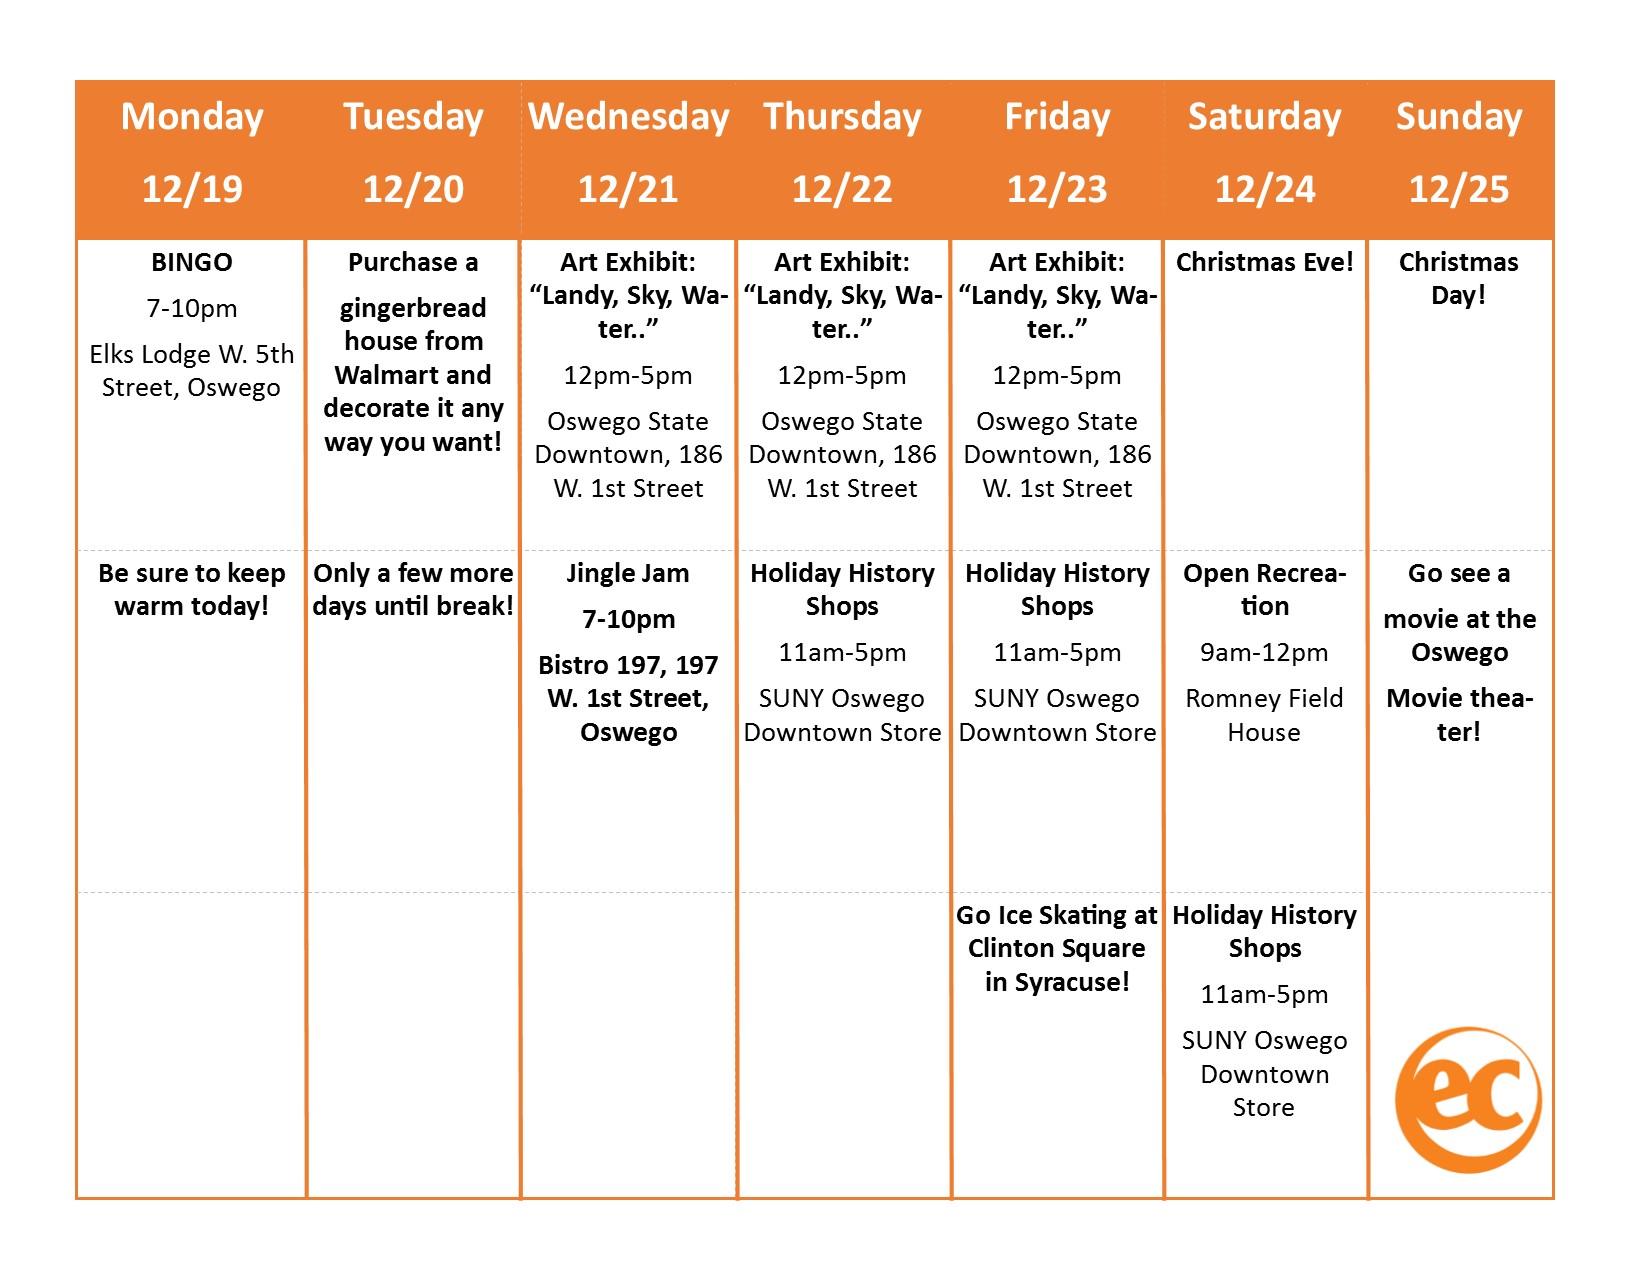 Weekly Activities - EC Oswego